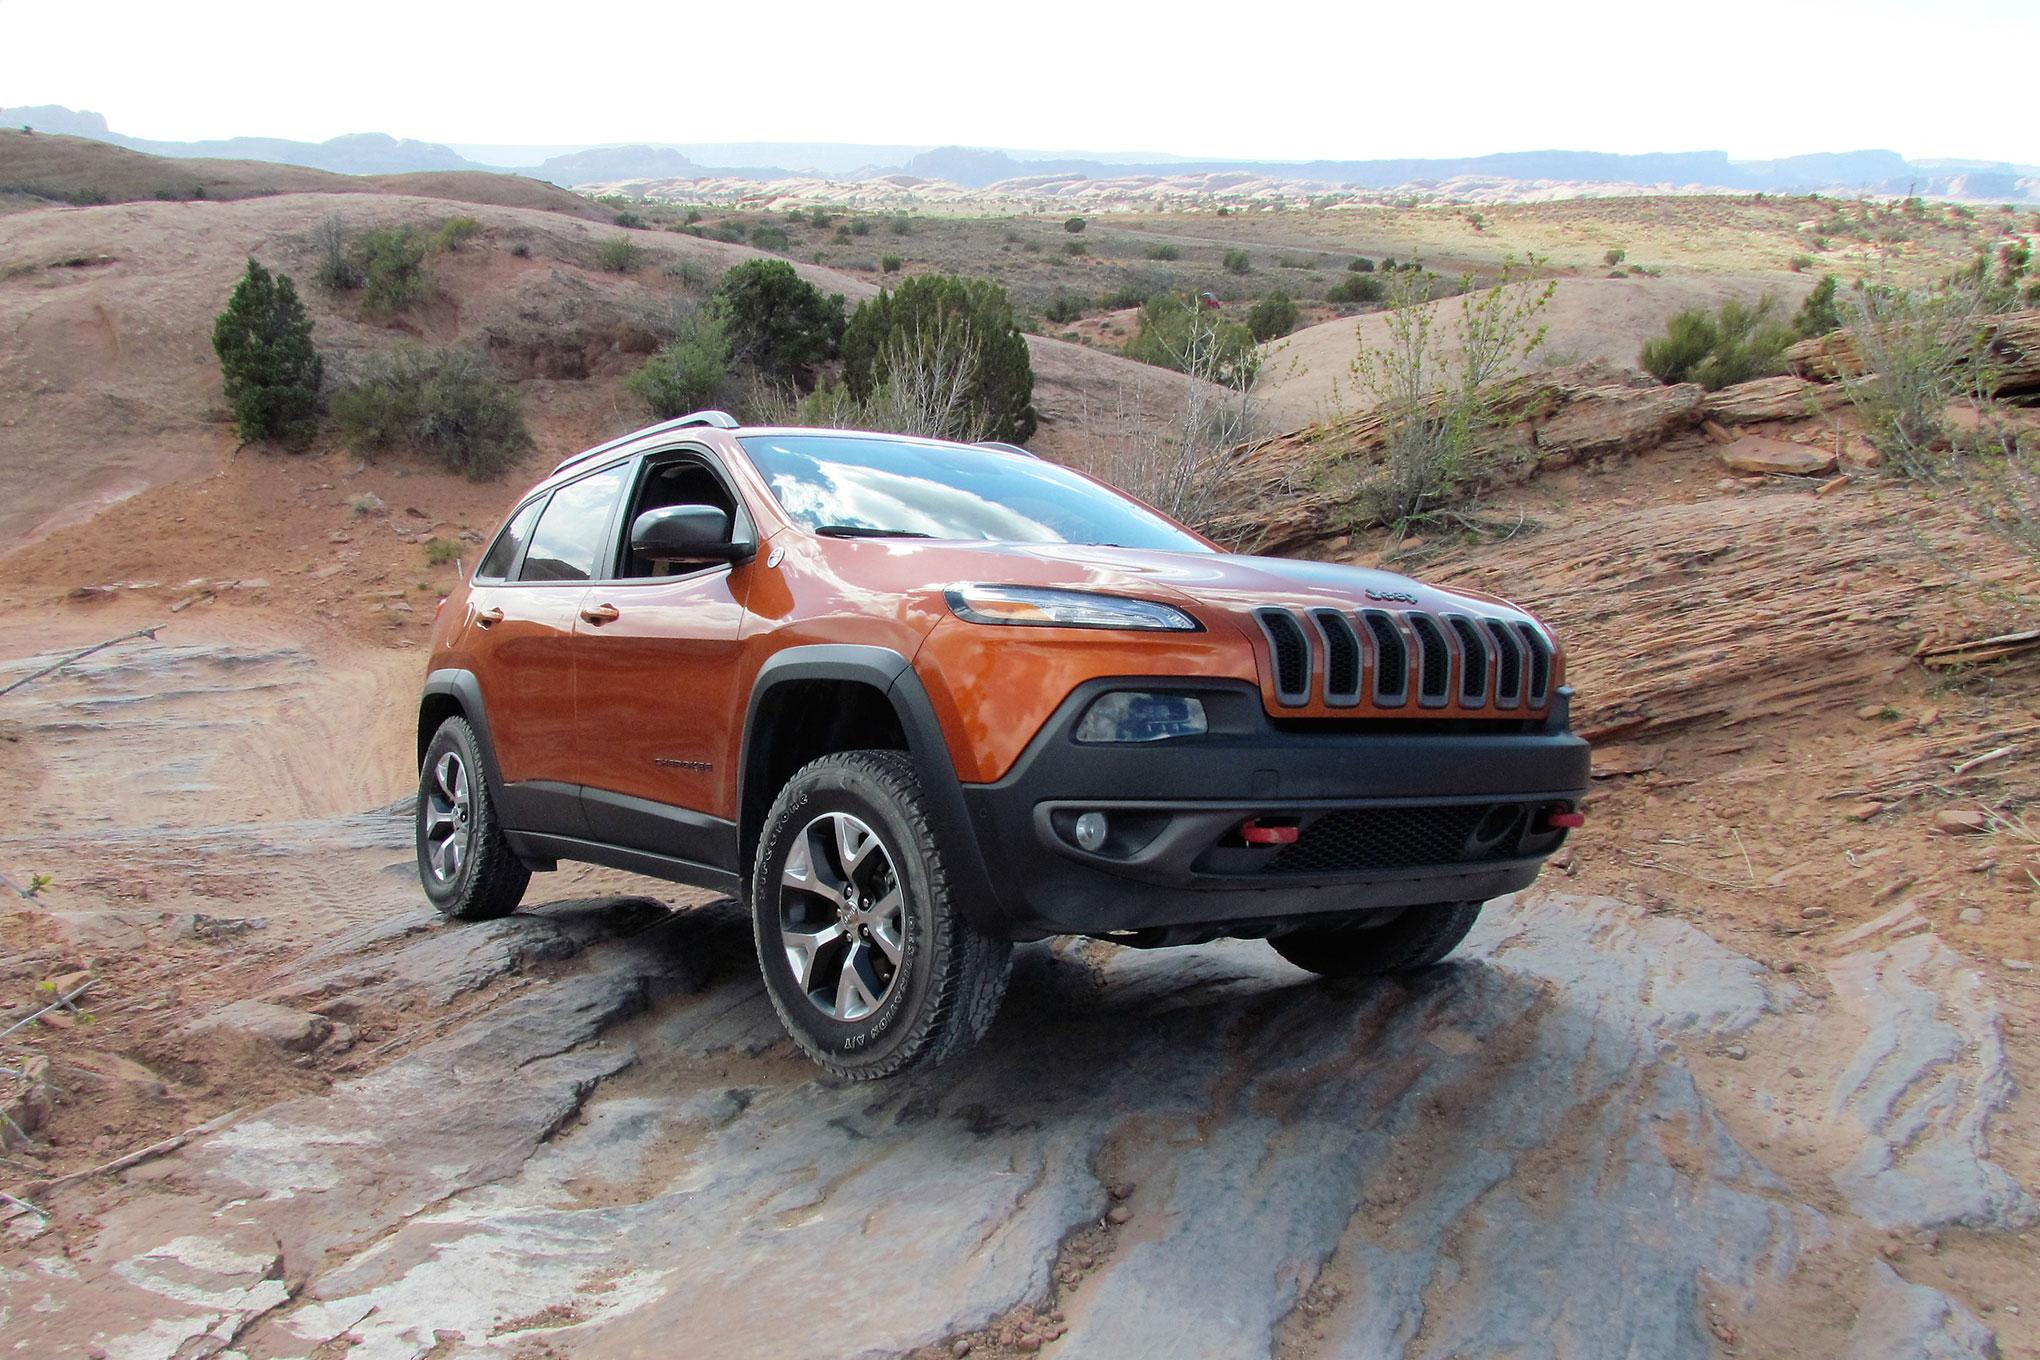 2015 Jeep Cherokee Trailhawk 4x4 three quarter.JPG